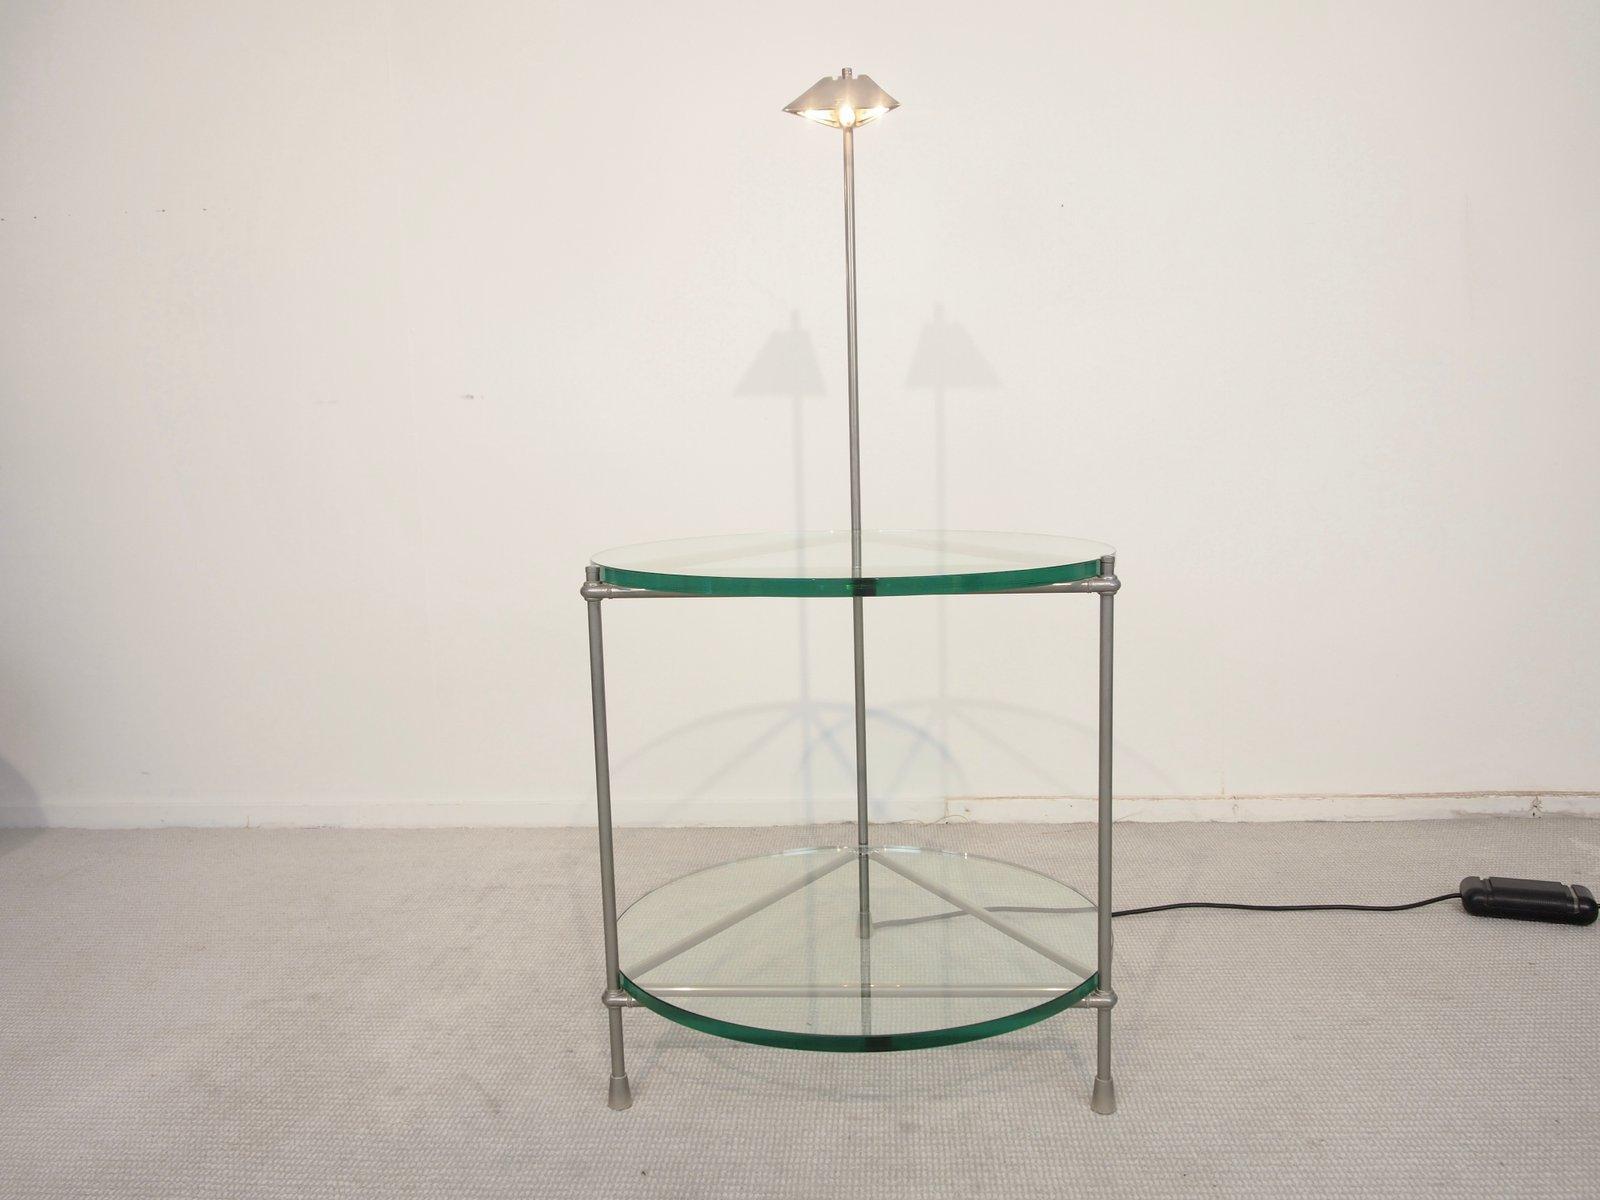 Round Beistelltisch Aus Chrom Und Glas Mit Integrierter Lampe Von Peter Ghyzcy Bei Pamono Kaufen